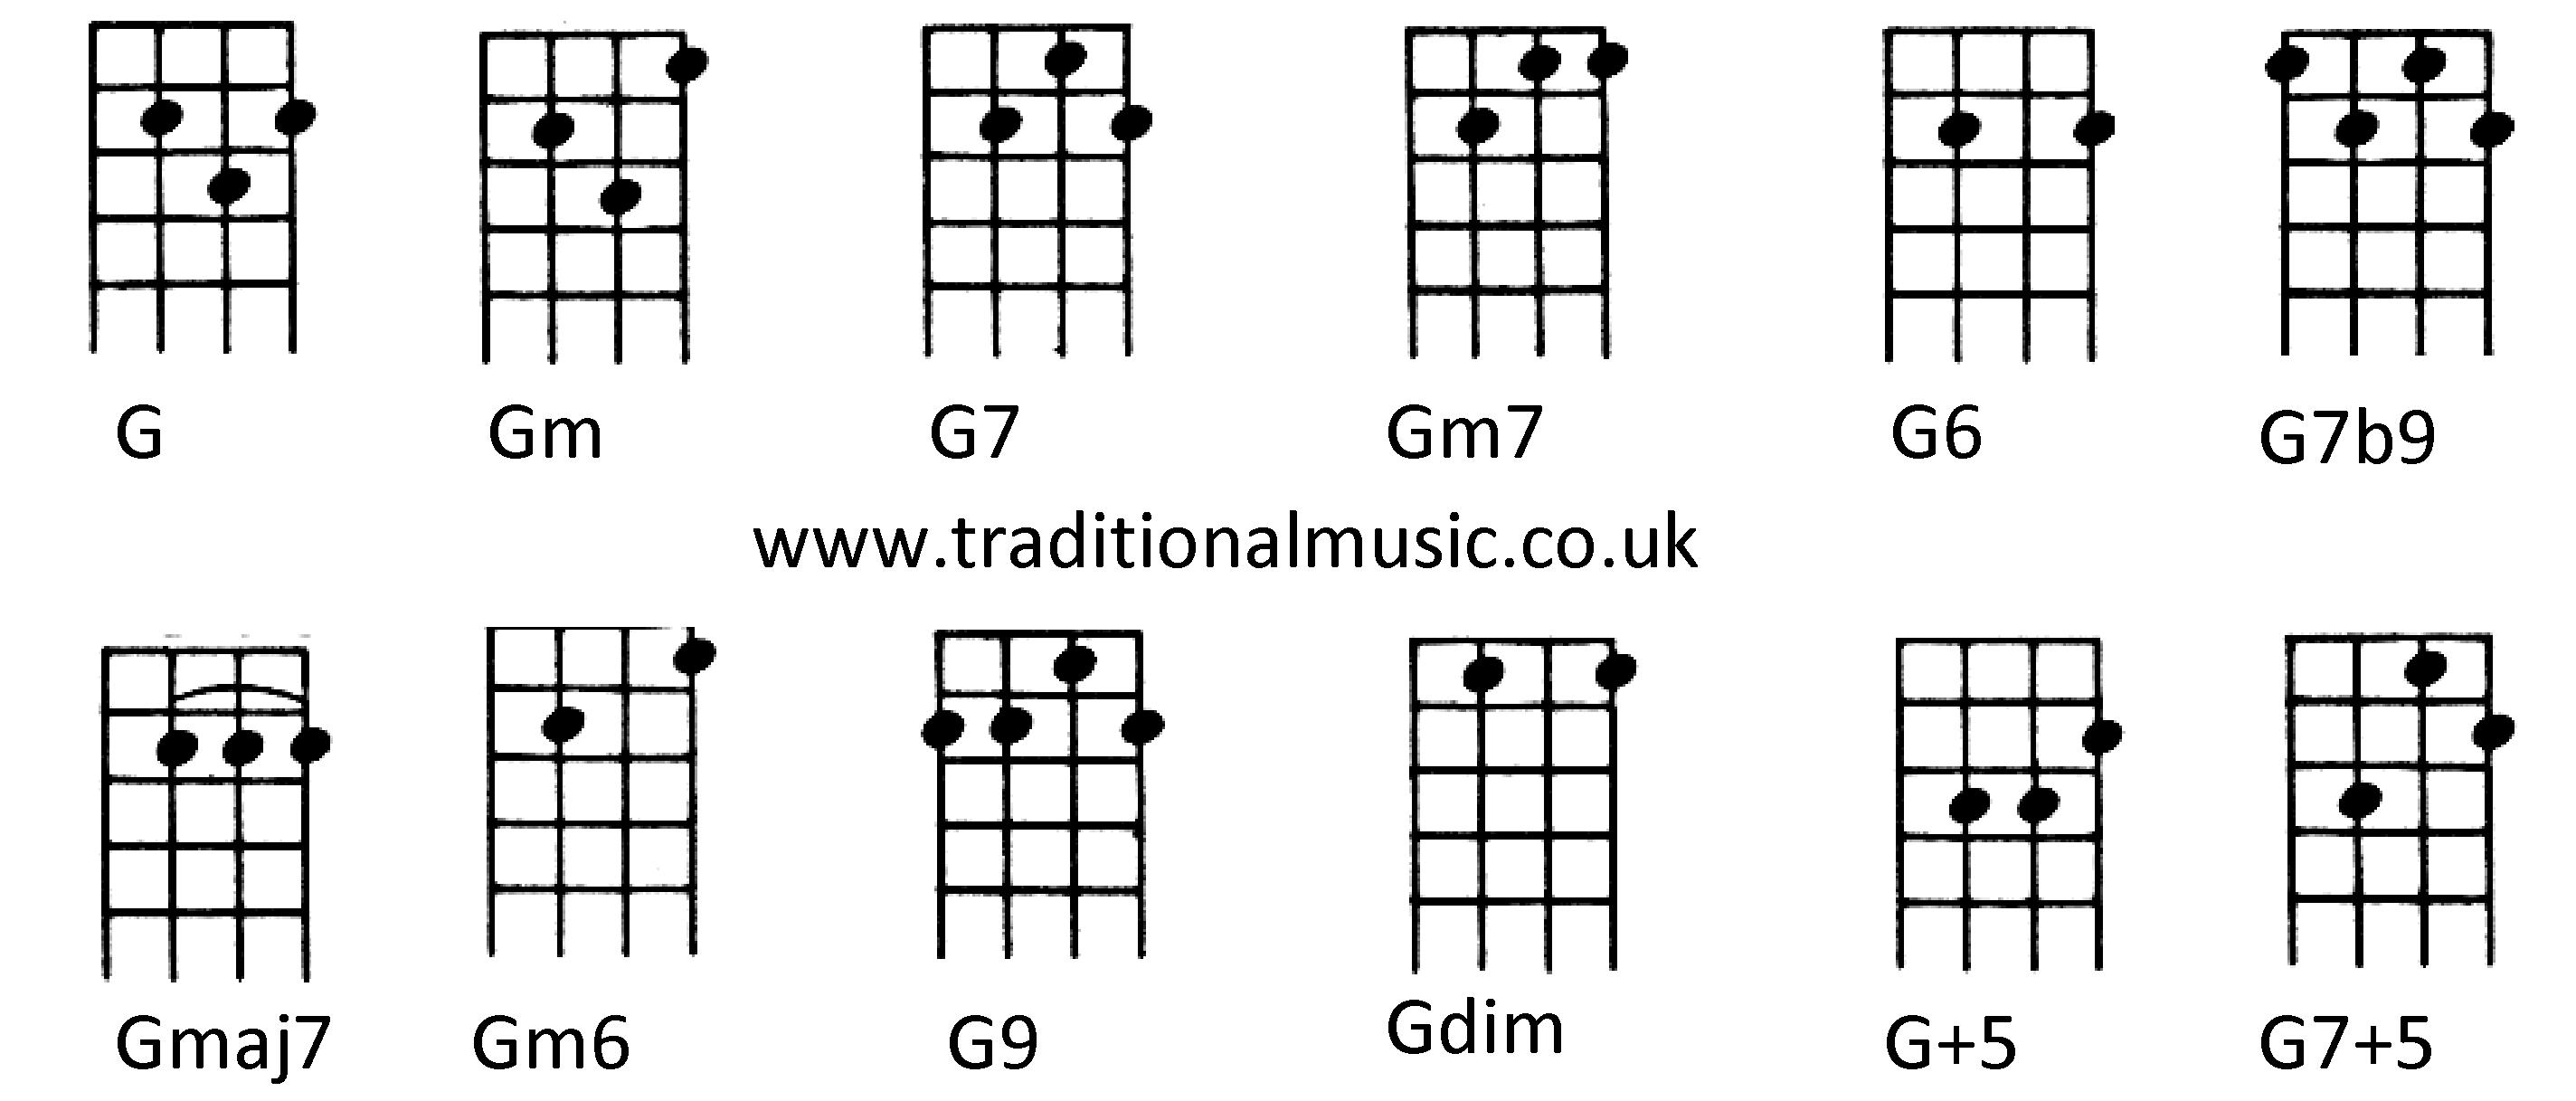 Chords For Ukulele C Tuning G Gm G7 Gm7 G6 G7b9 Gmaj7 Gm6 G9 Gdim